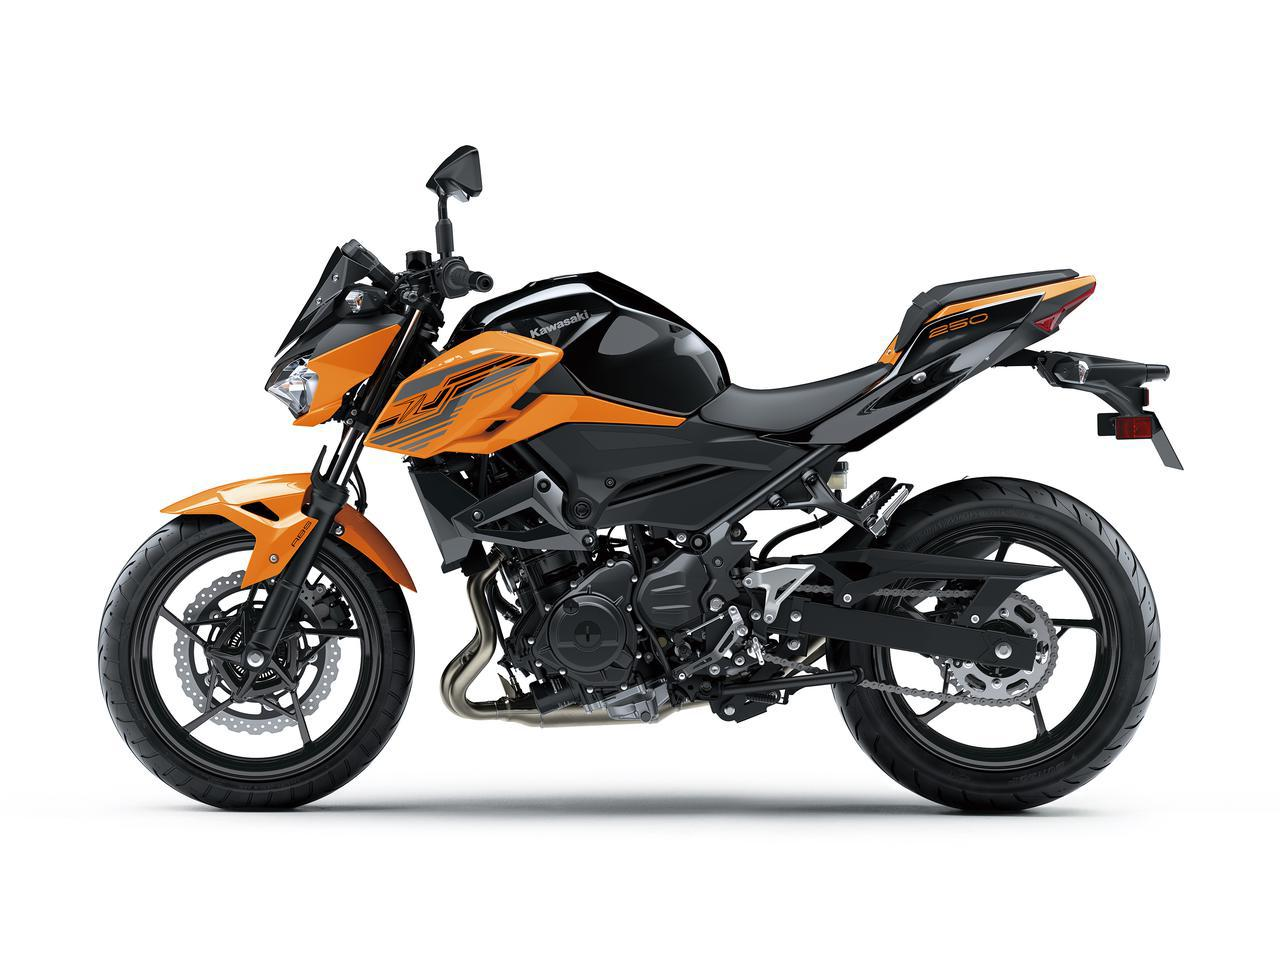 画像12: カワサキが「Z250」の2021年モデルを発売! 2020年モデルと比較してみよう【2021速報】